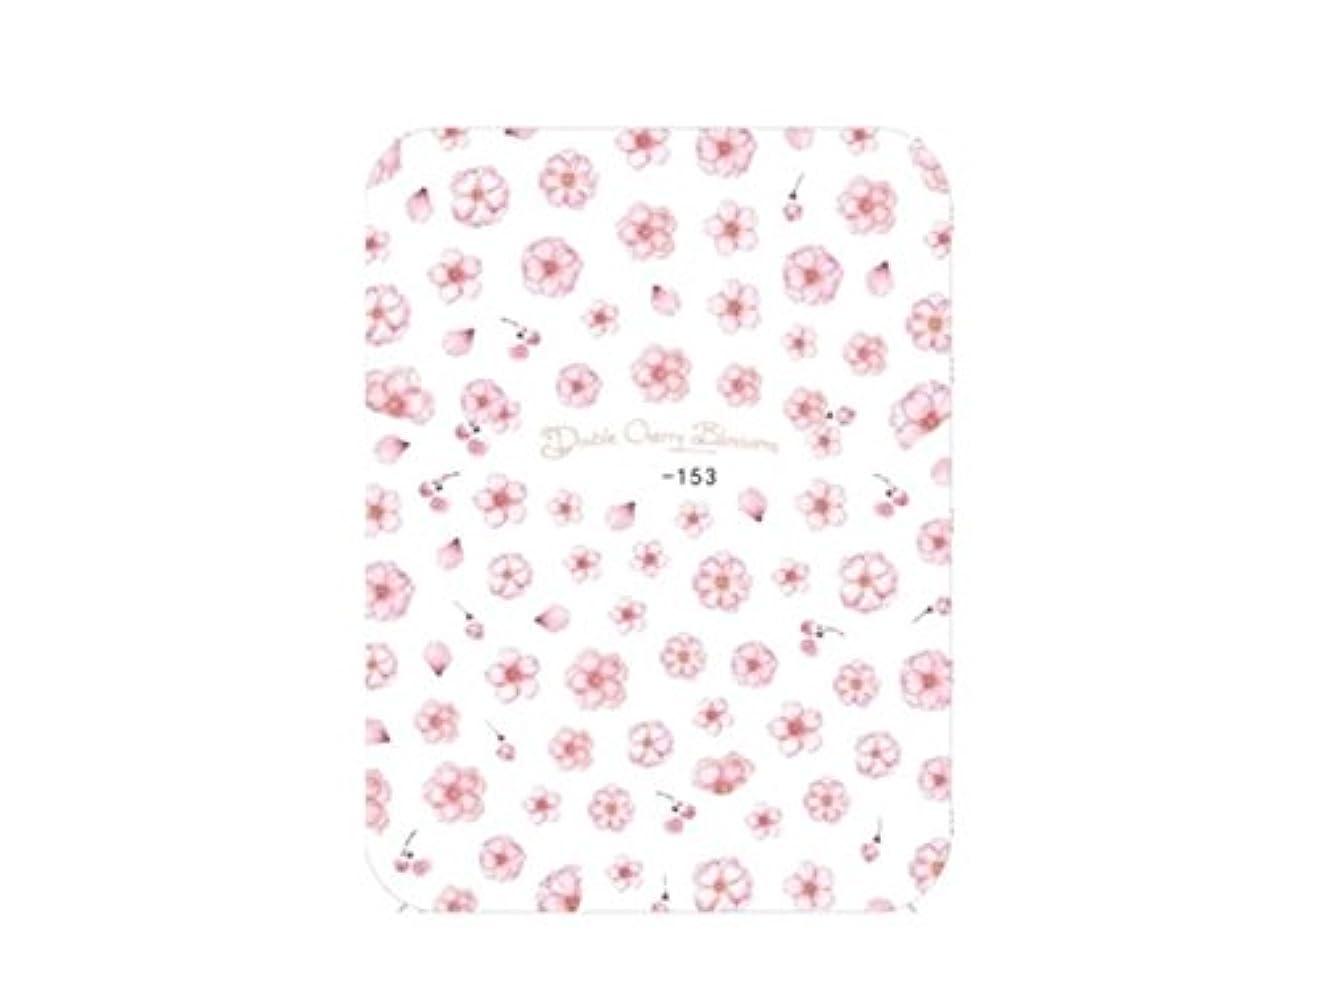 タイマー習字イブニングOsize ファッションカラフルな花ネイルアートステッカー水転送ネイルステッカーネイルアクセサリー(示されているように)